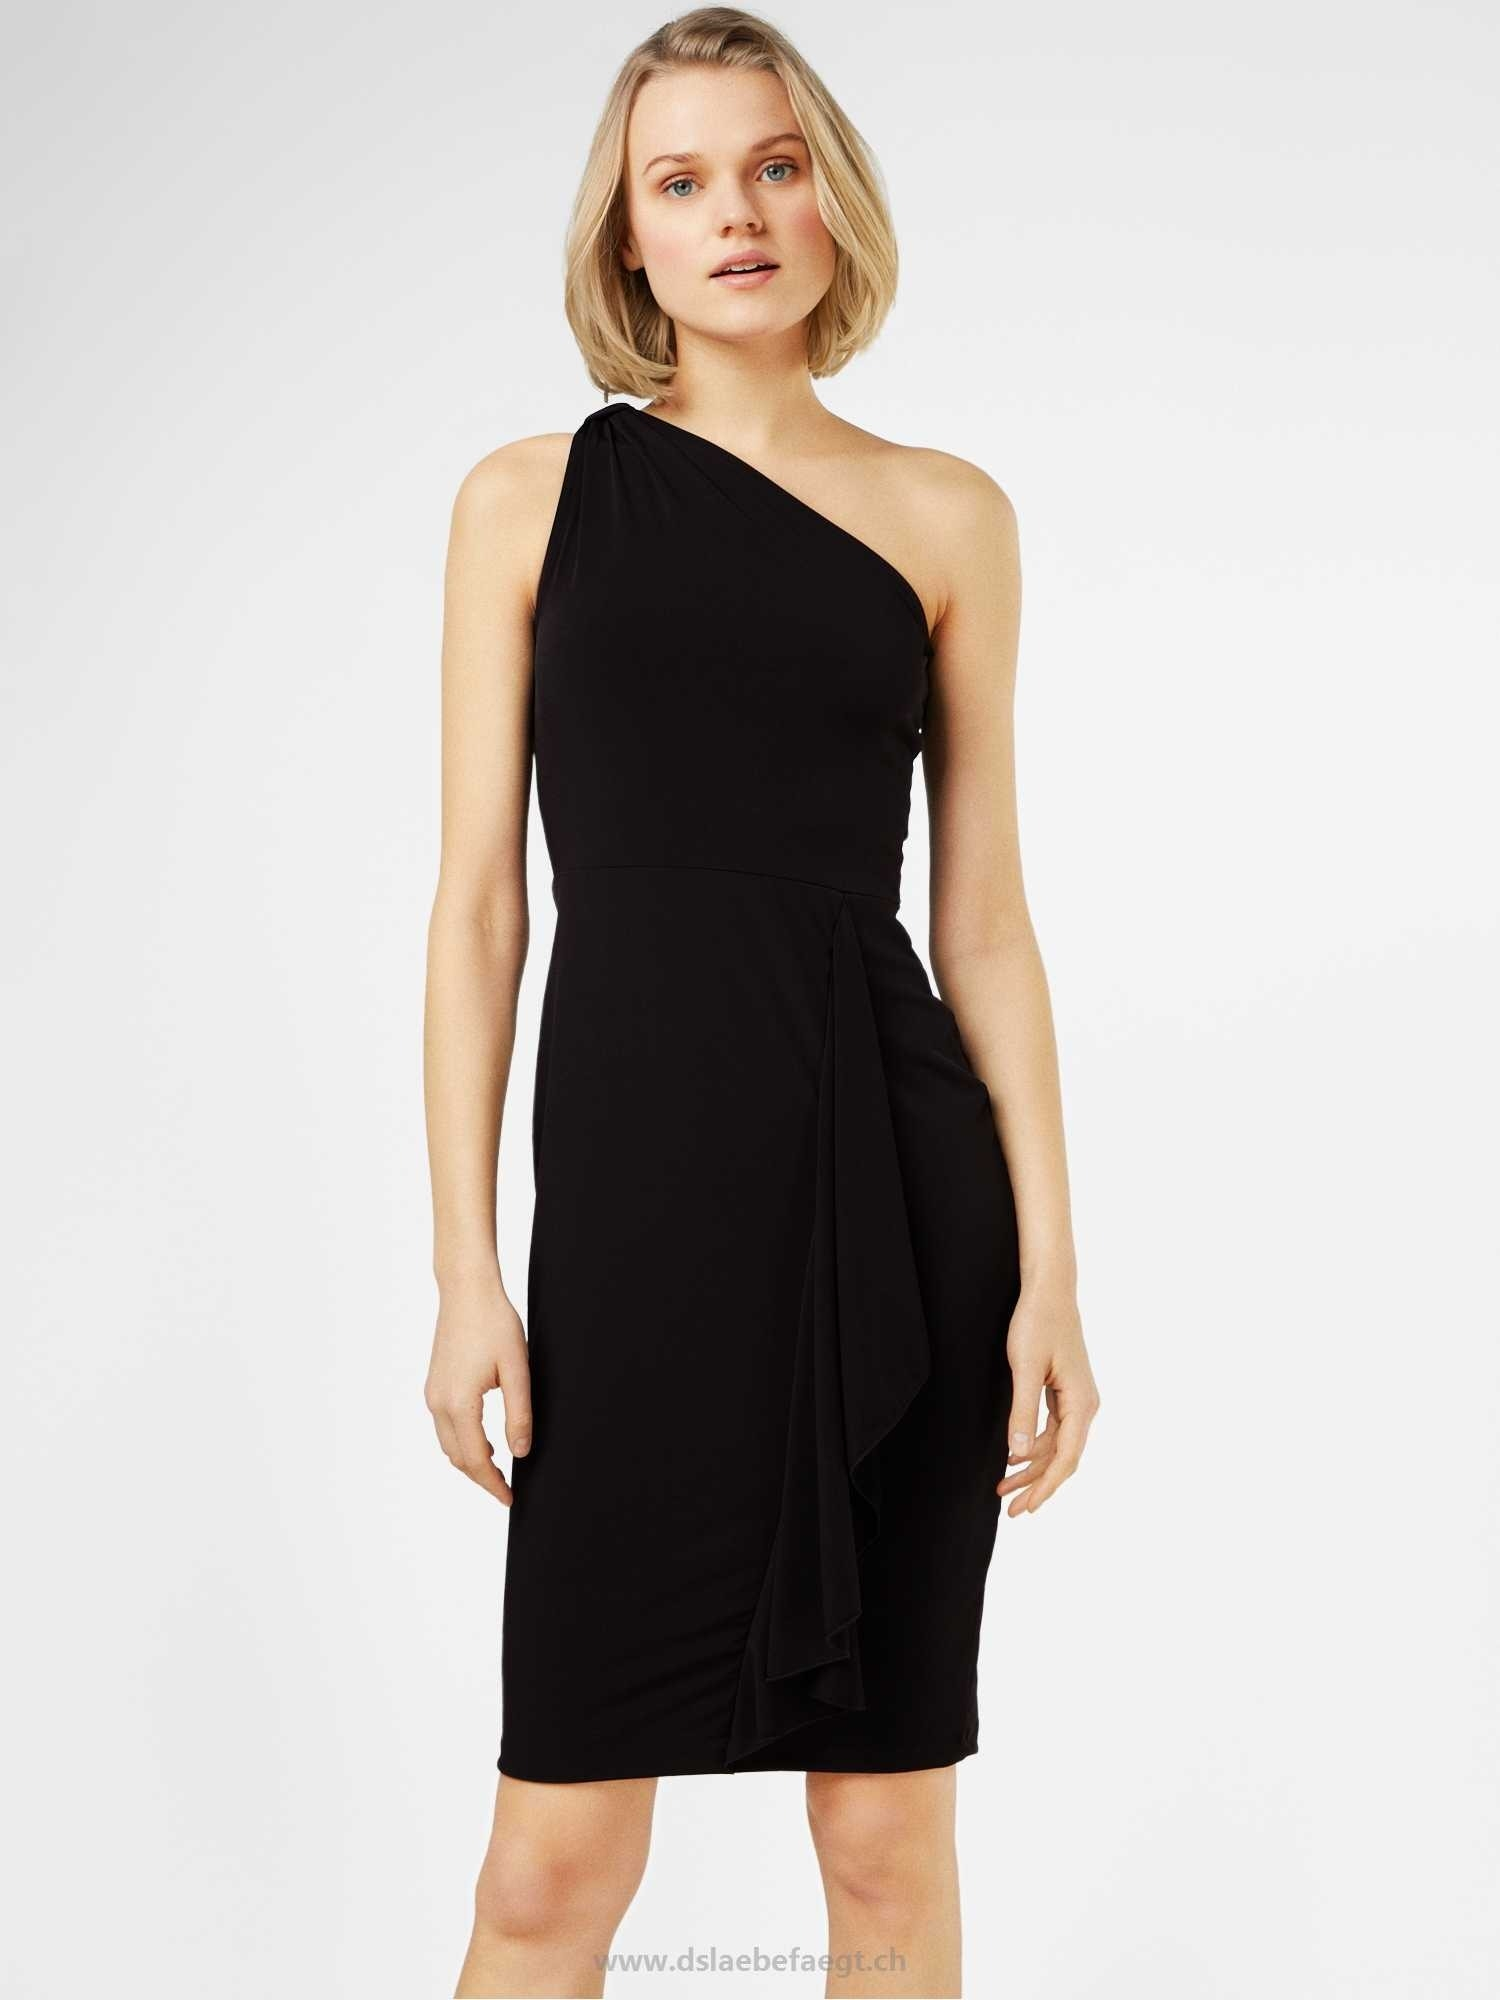 15 Genial Kleider Größe 40 Design15 Spektakulär Kleider Größe 40 Galerie